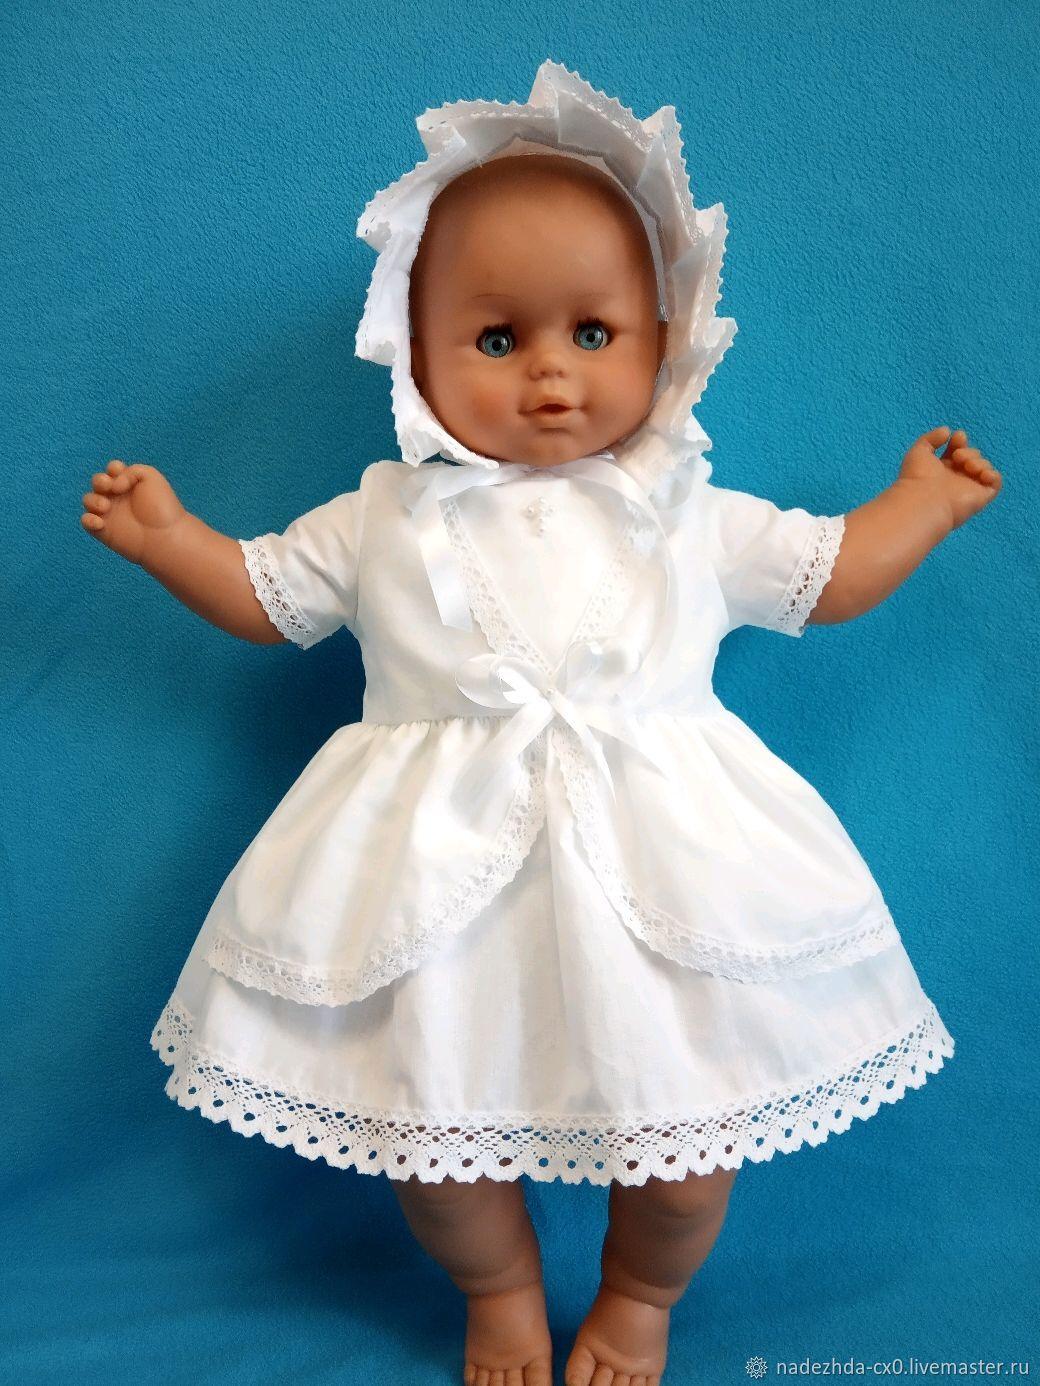 """Крестильный набор """"Стефания"""", крестильное платье с чепчиком, Комплект для крещения, Санкт-Петербург,  Фото №1"""